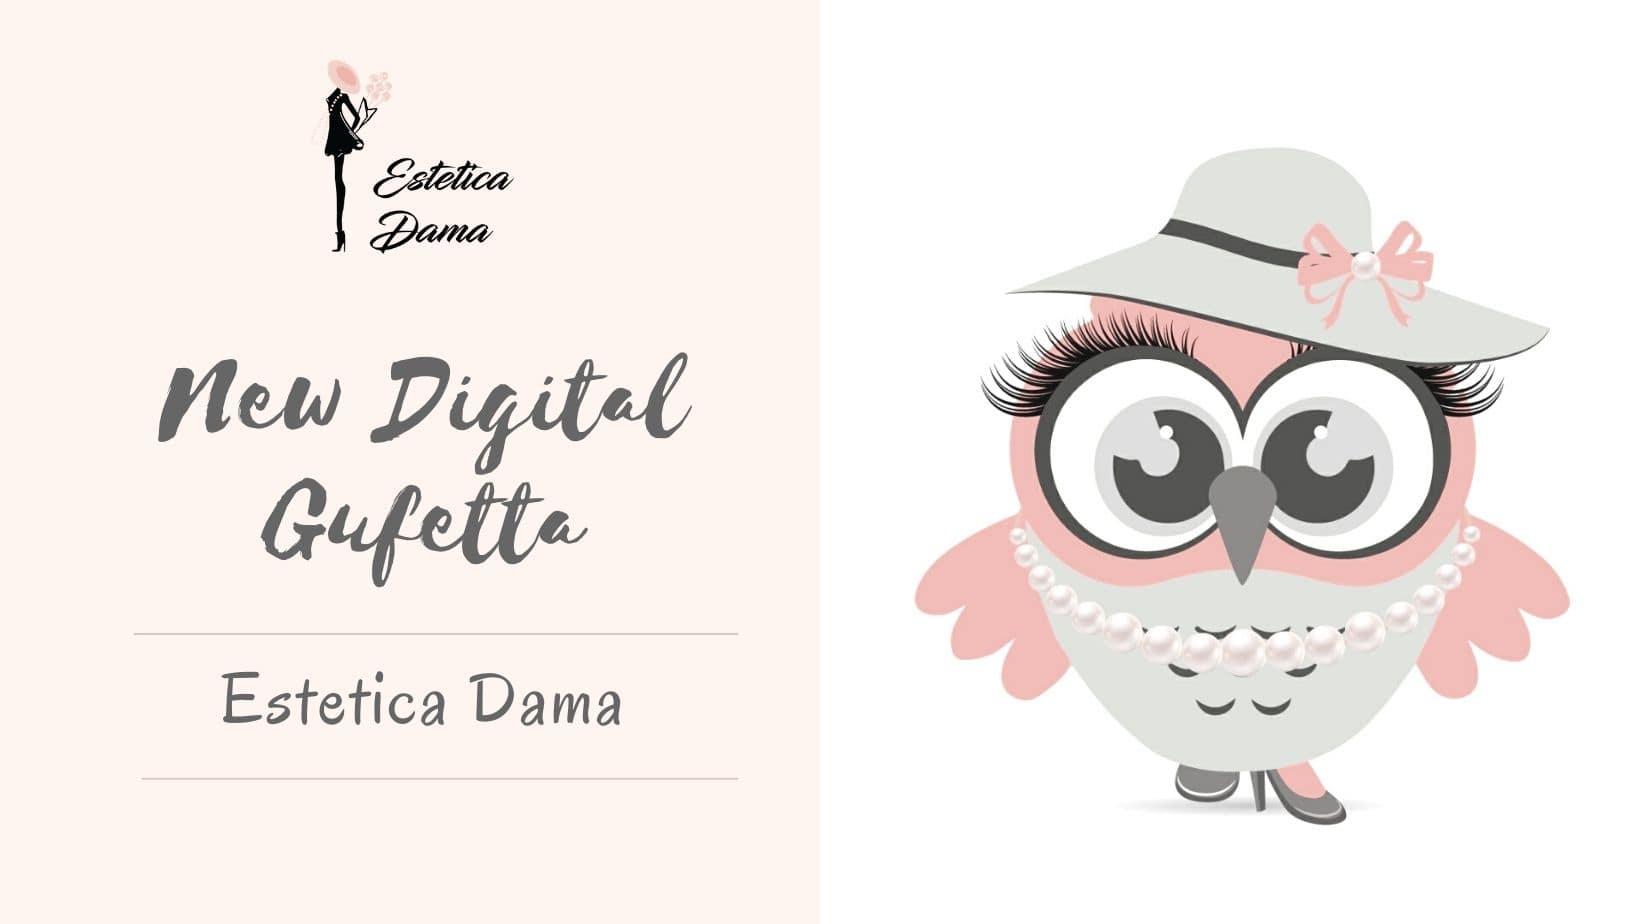 Nuova Digital Gufetta Estetica Dama